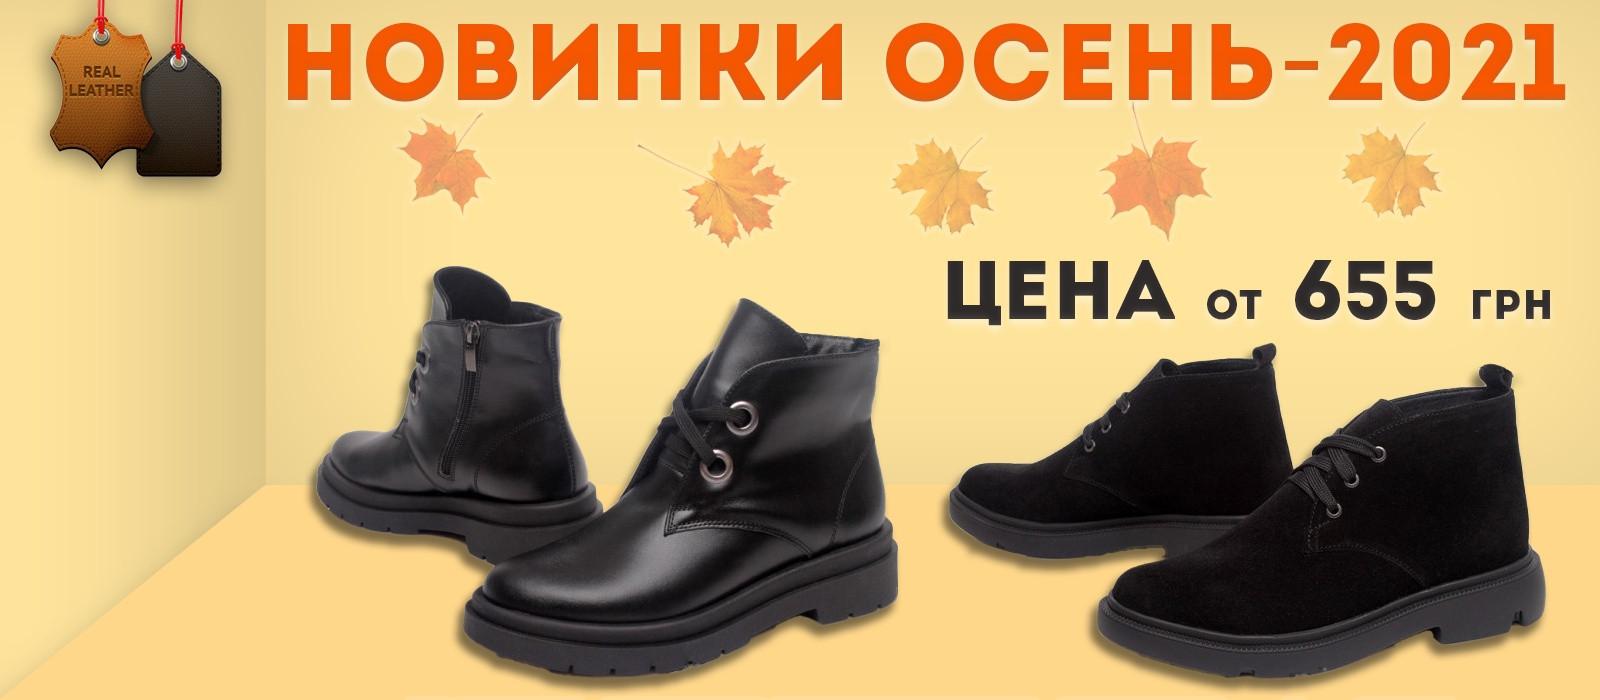 Купить женские ботинки из кожи - оптовые цены